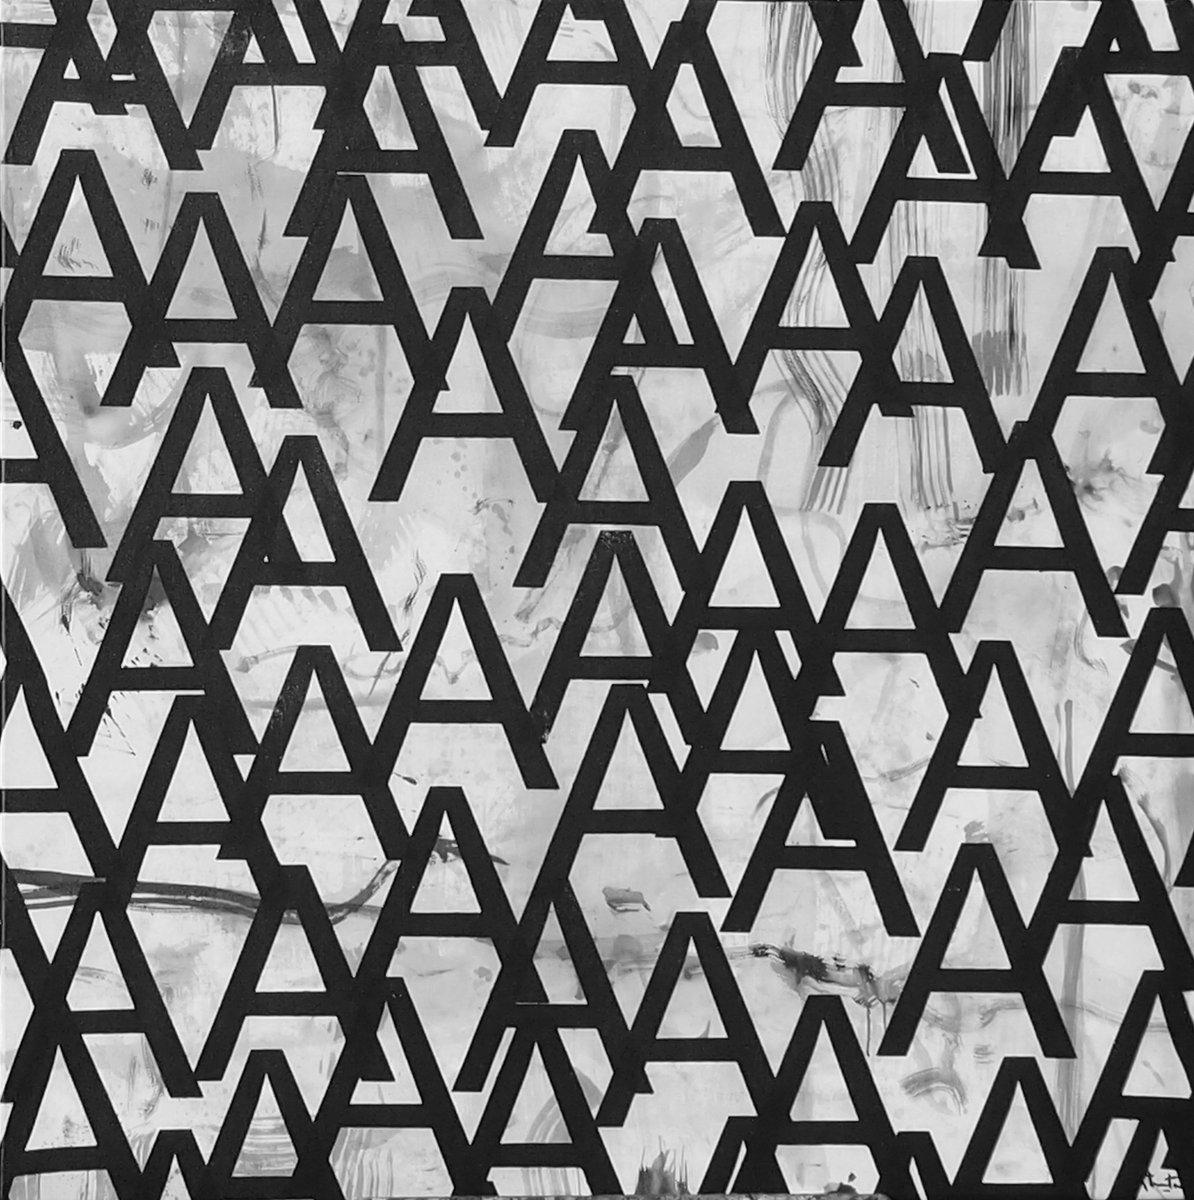 El artista argentino #AlejandroThornton te cuenta al oído todo sobre su obra 25 A en @SwabArtFair >http://www.mecenas20.com/obras/25-a/pic.twitter.com/hhnCZjiUqn